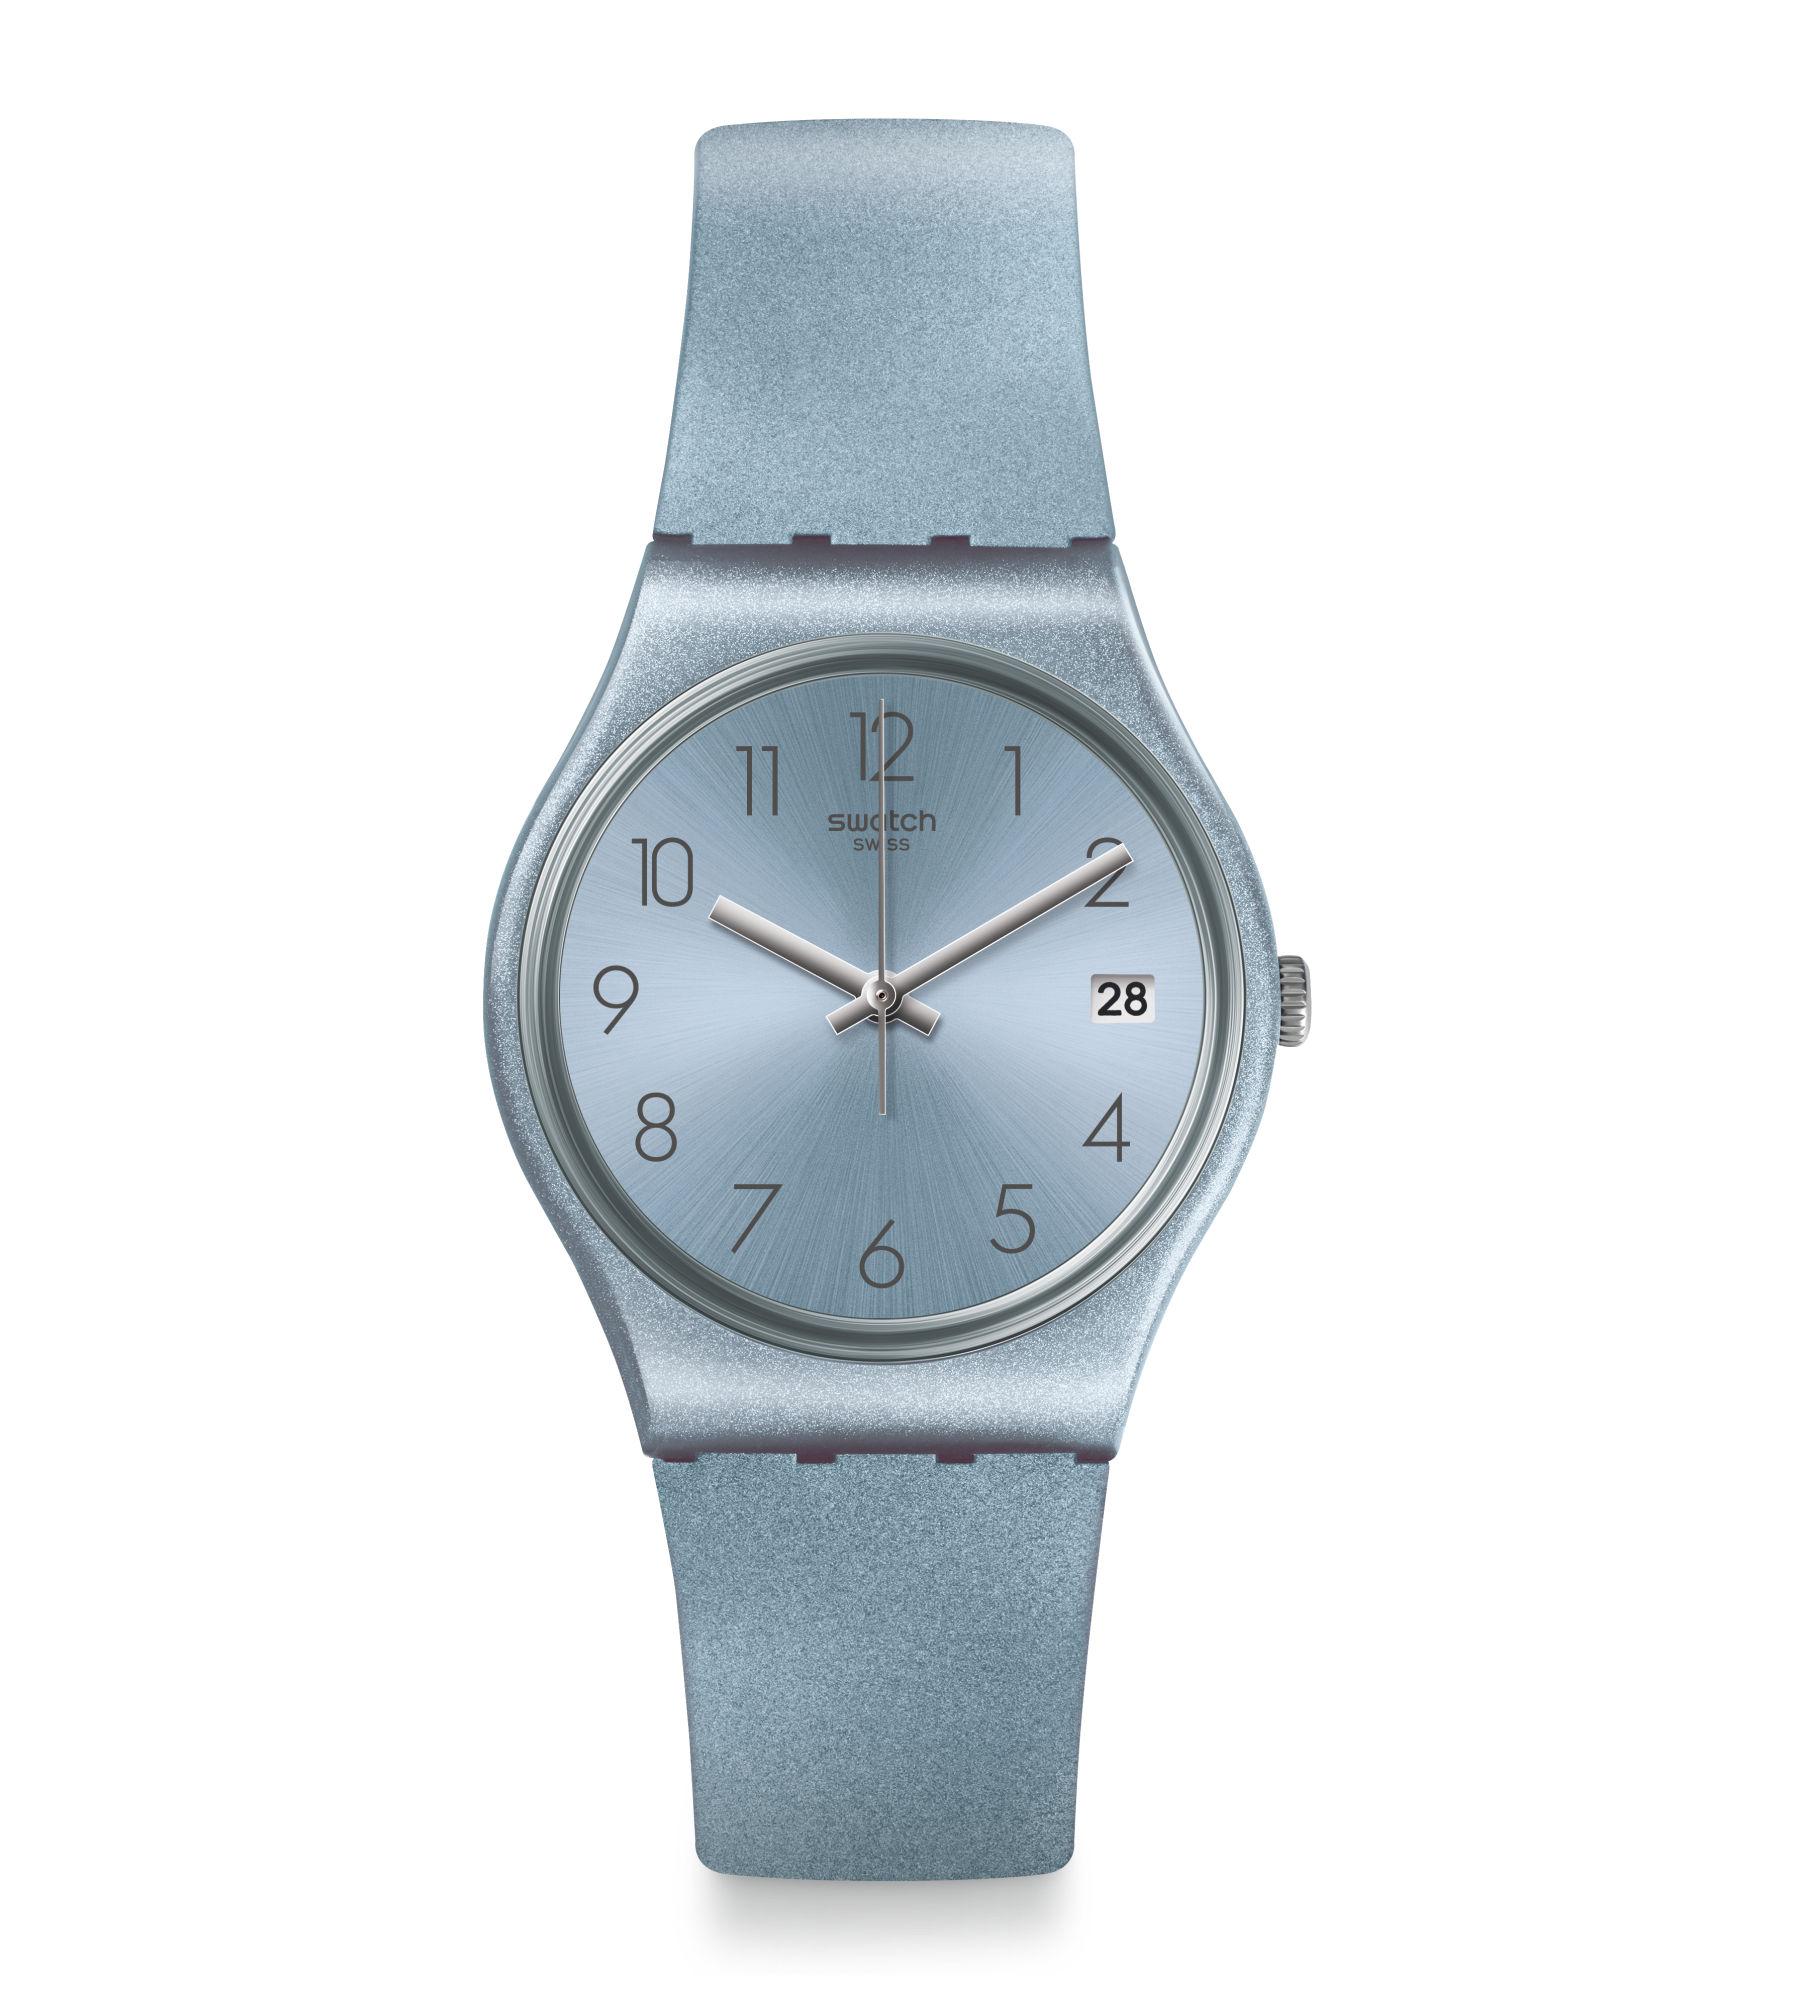 Swatch Azulbaya Azulbaya Gl401 Hombre Reloj Reloj Hombre Gl401 Hombre Swatch Azulbaya Reloj Swatch RjLc4qS35A